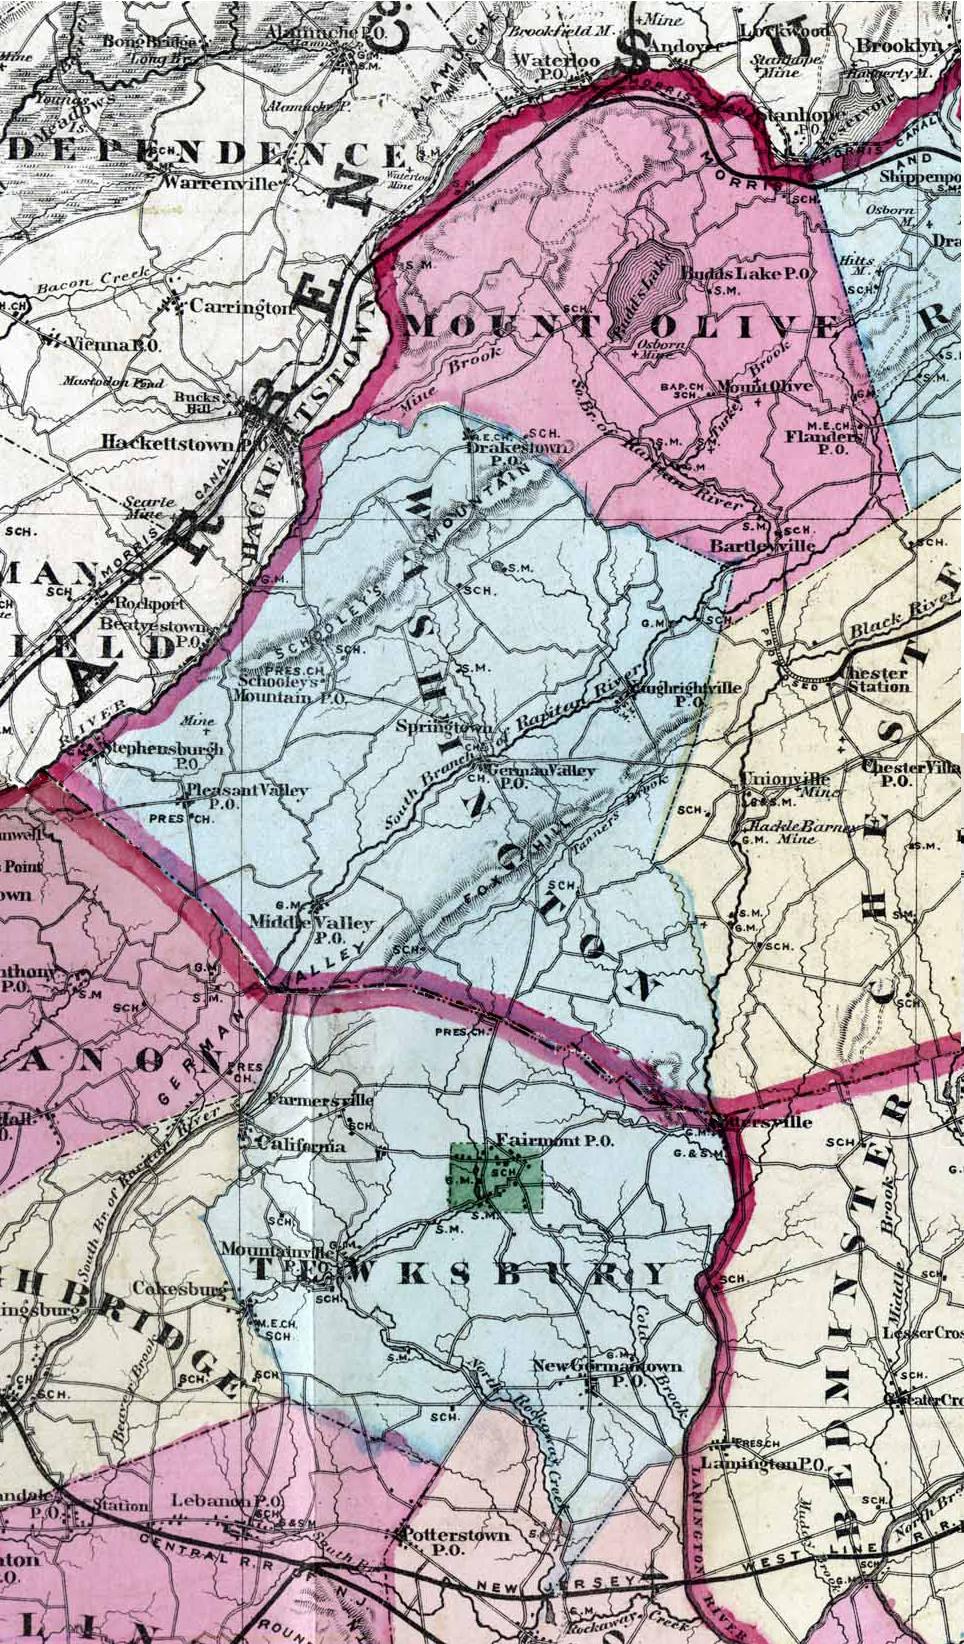 region between Morris and